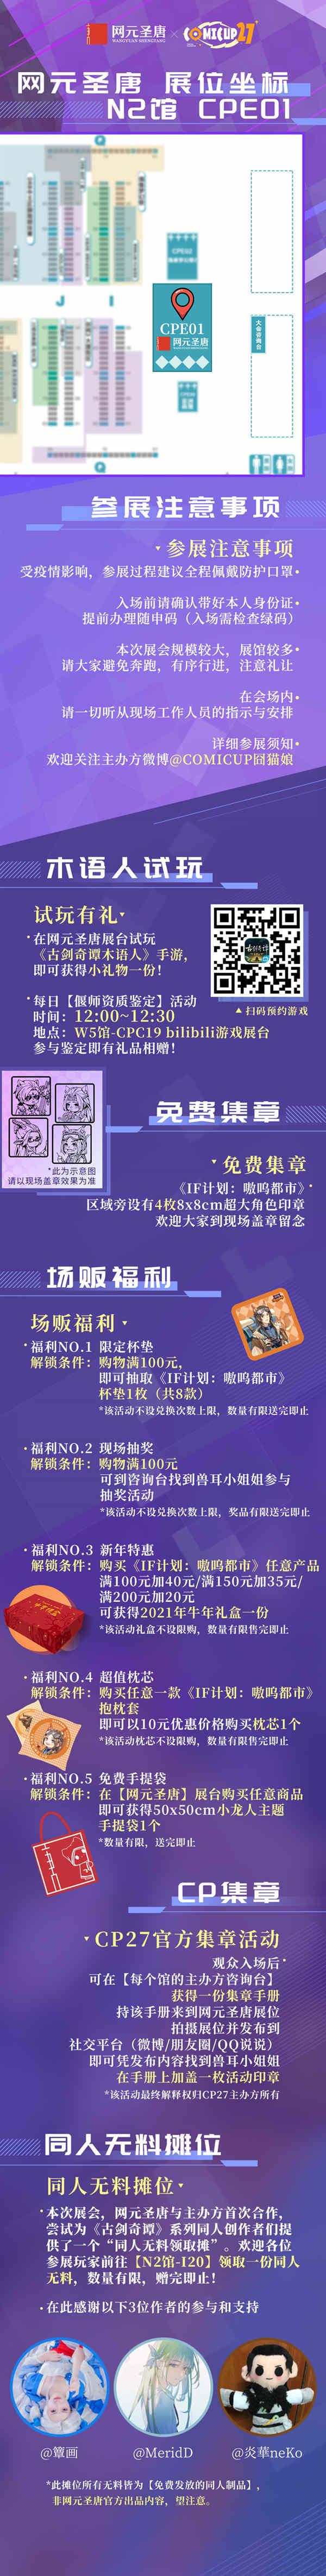 """探秘风沙之下的古老遗迹,《古剑奇谭OL》团队秘境""""吉昌废城""""今日上线!"""